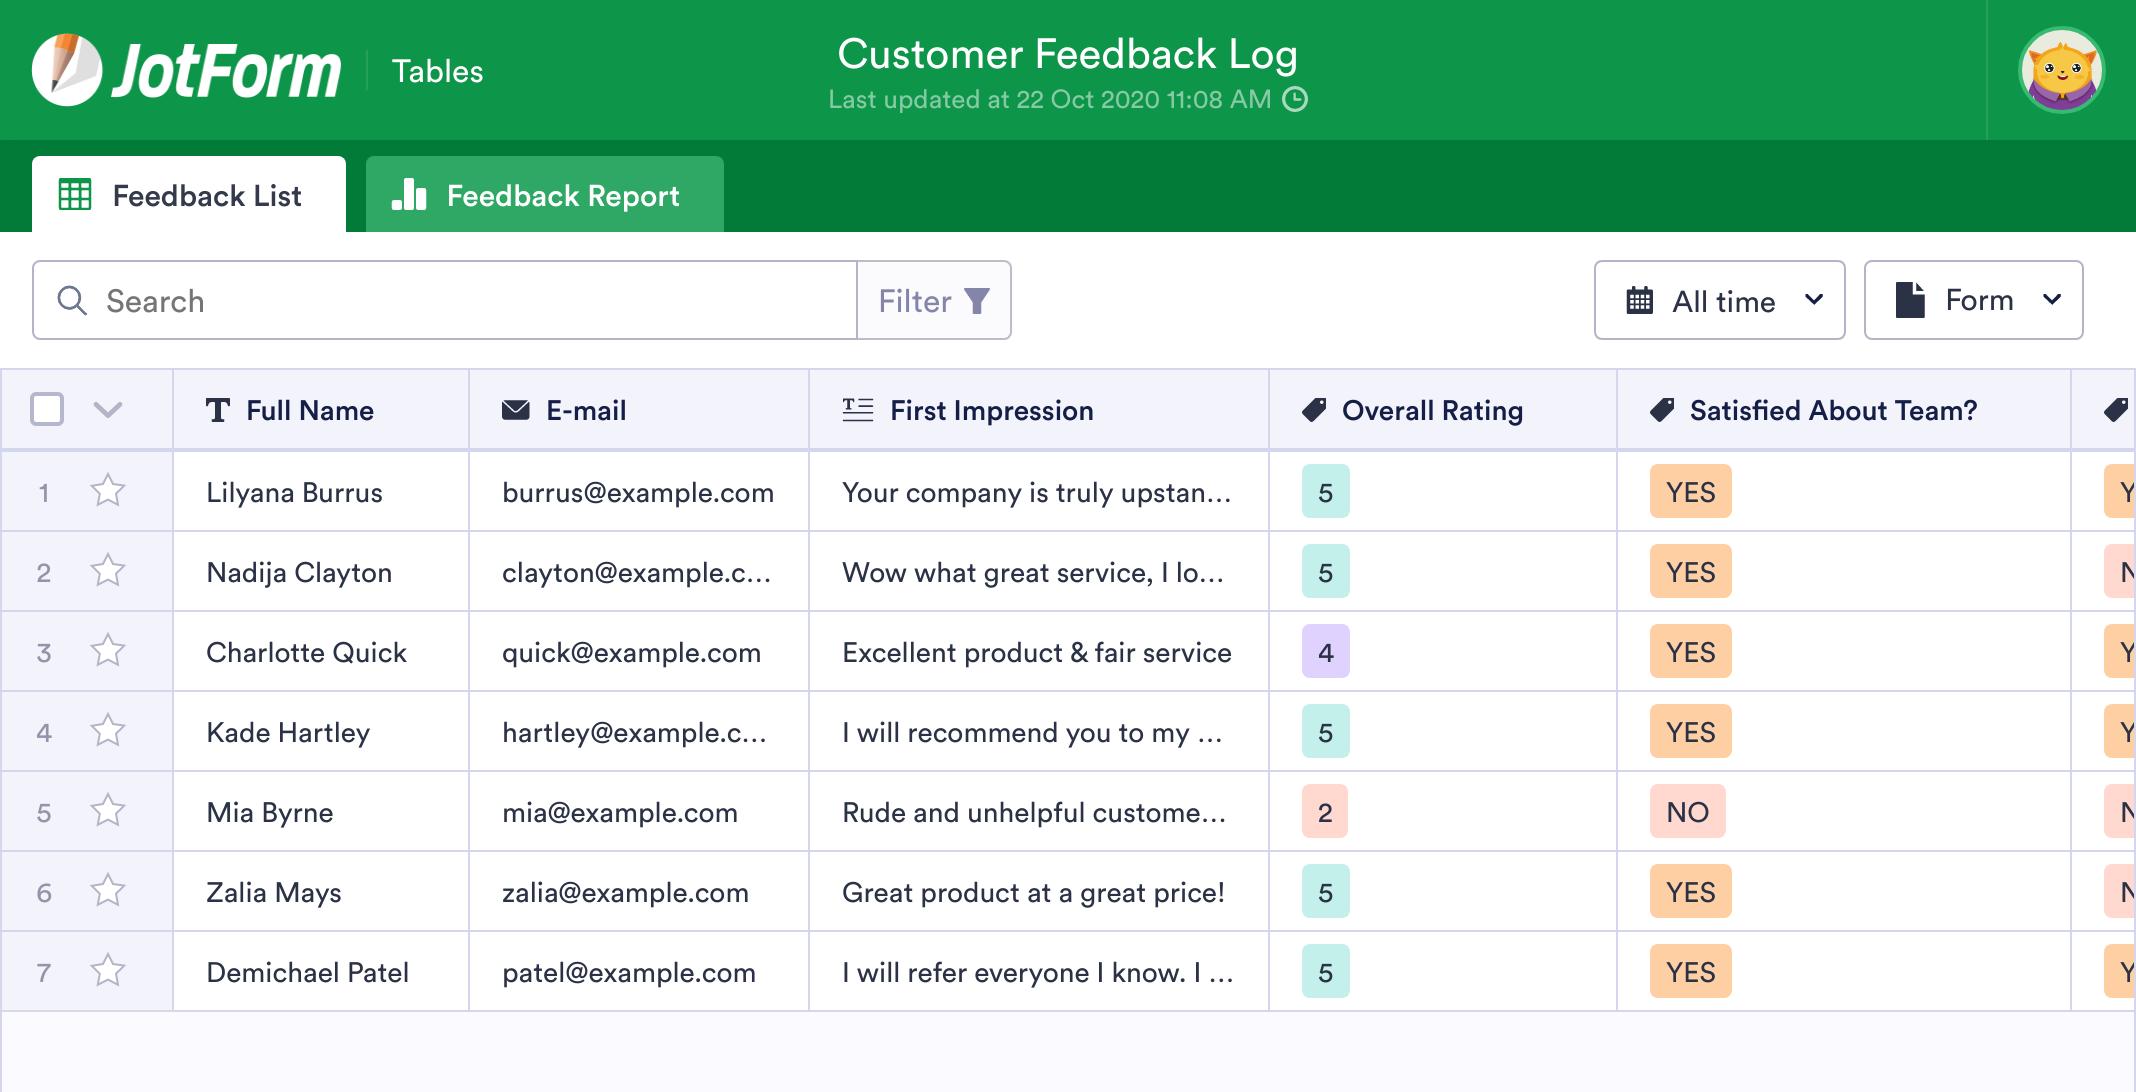 Customer Feedback Log